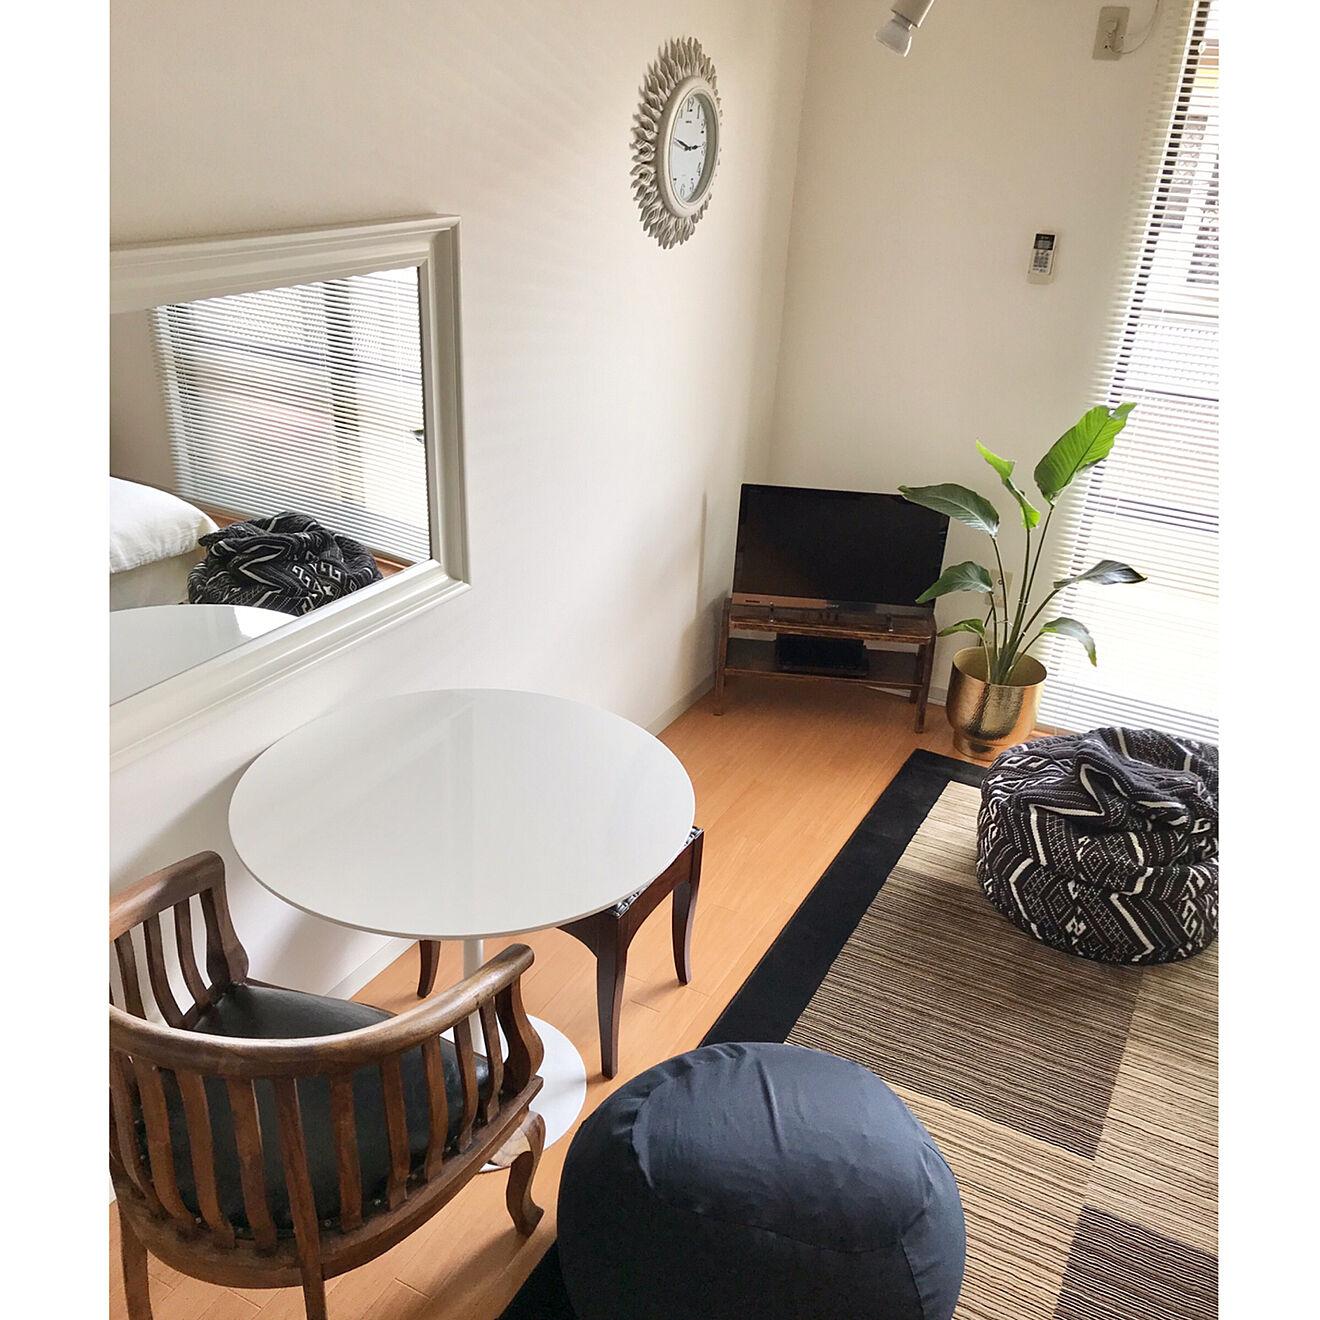 「30m2。厳選したものと、シンプルに機能的に私らしく暮らす部屋づくり」 by mmさん